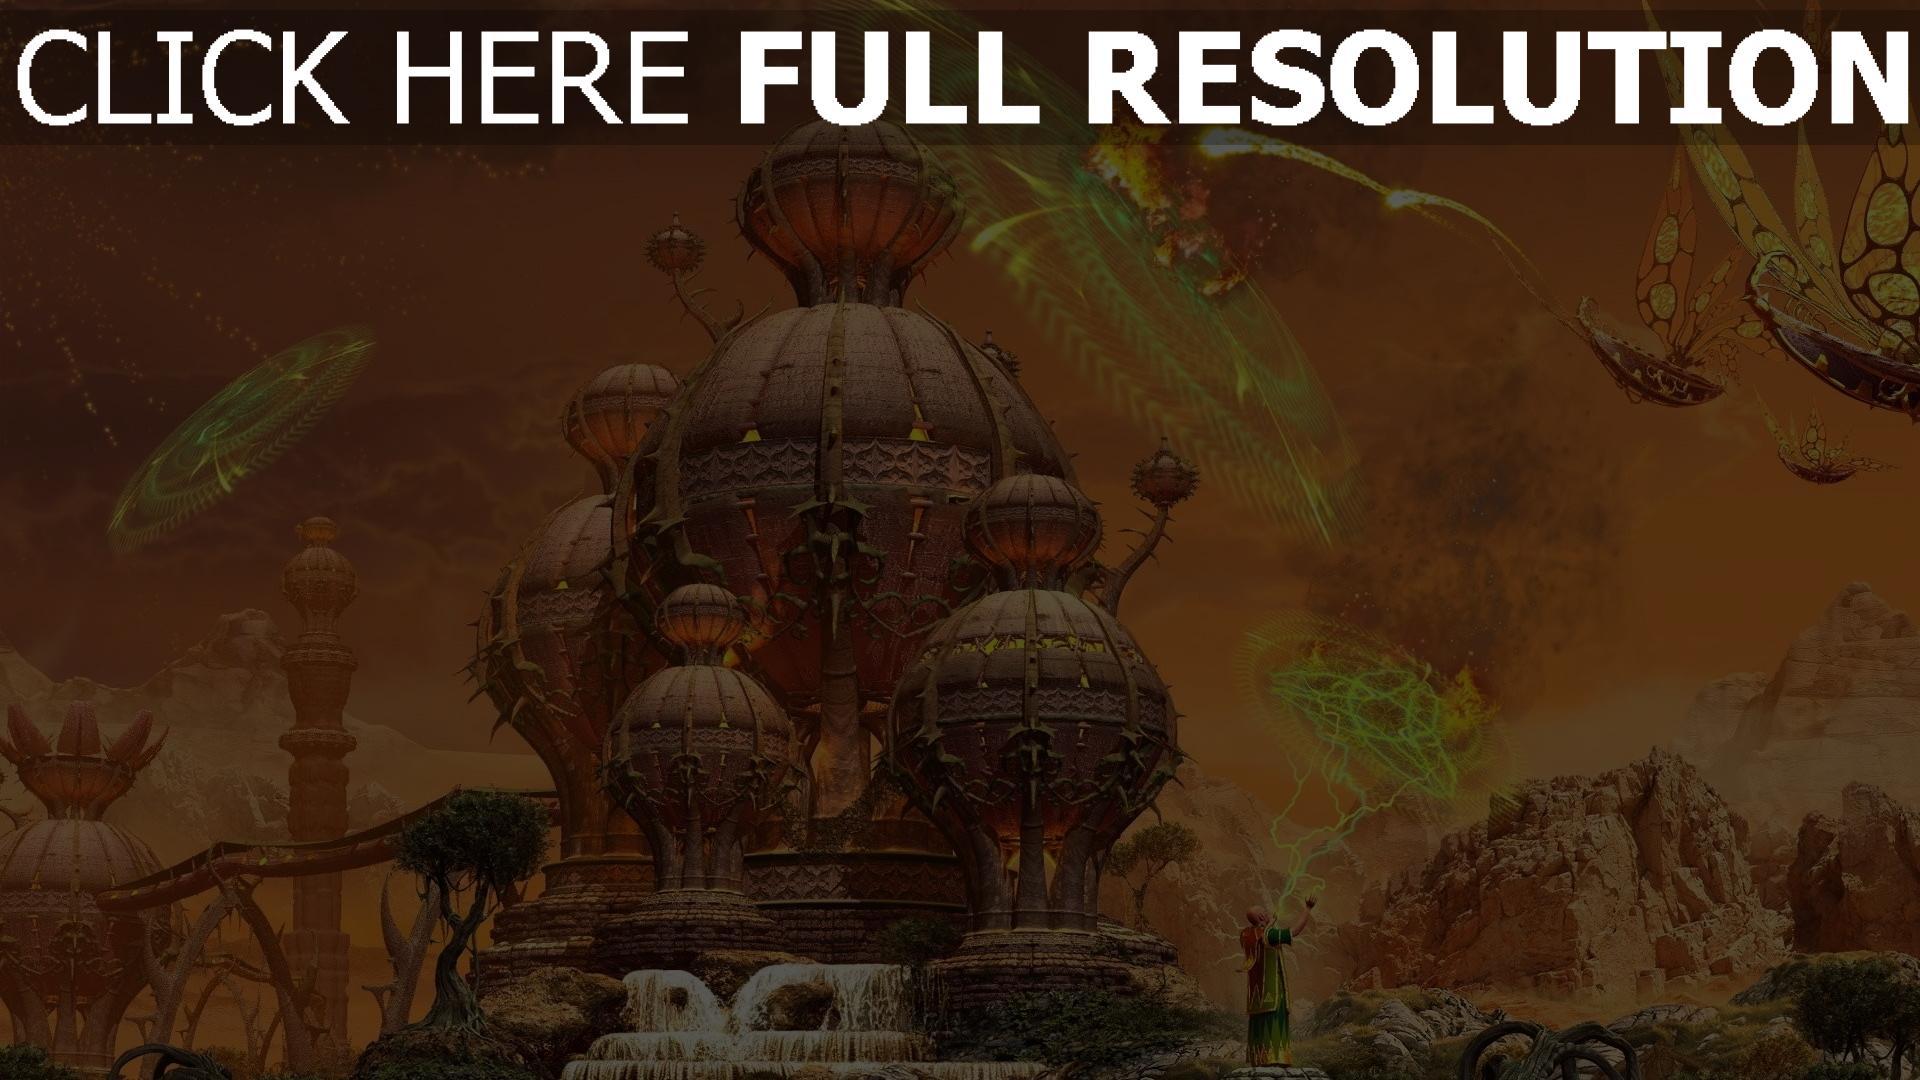 Fond d'écran HD mansion sphère sort de magie combat